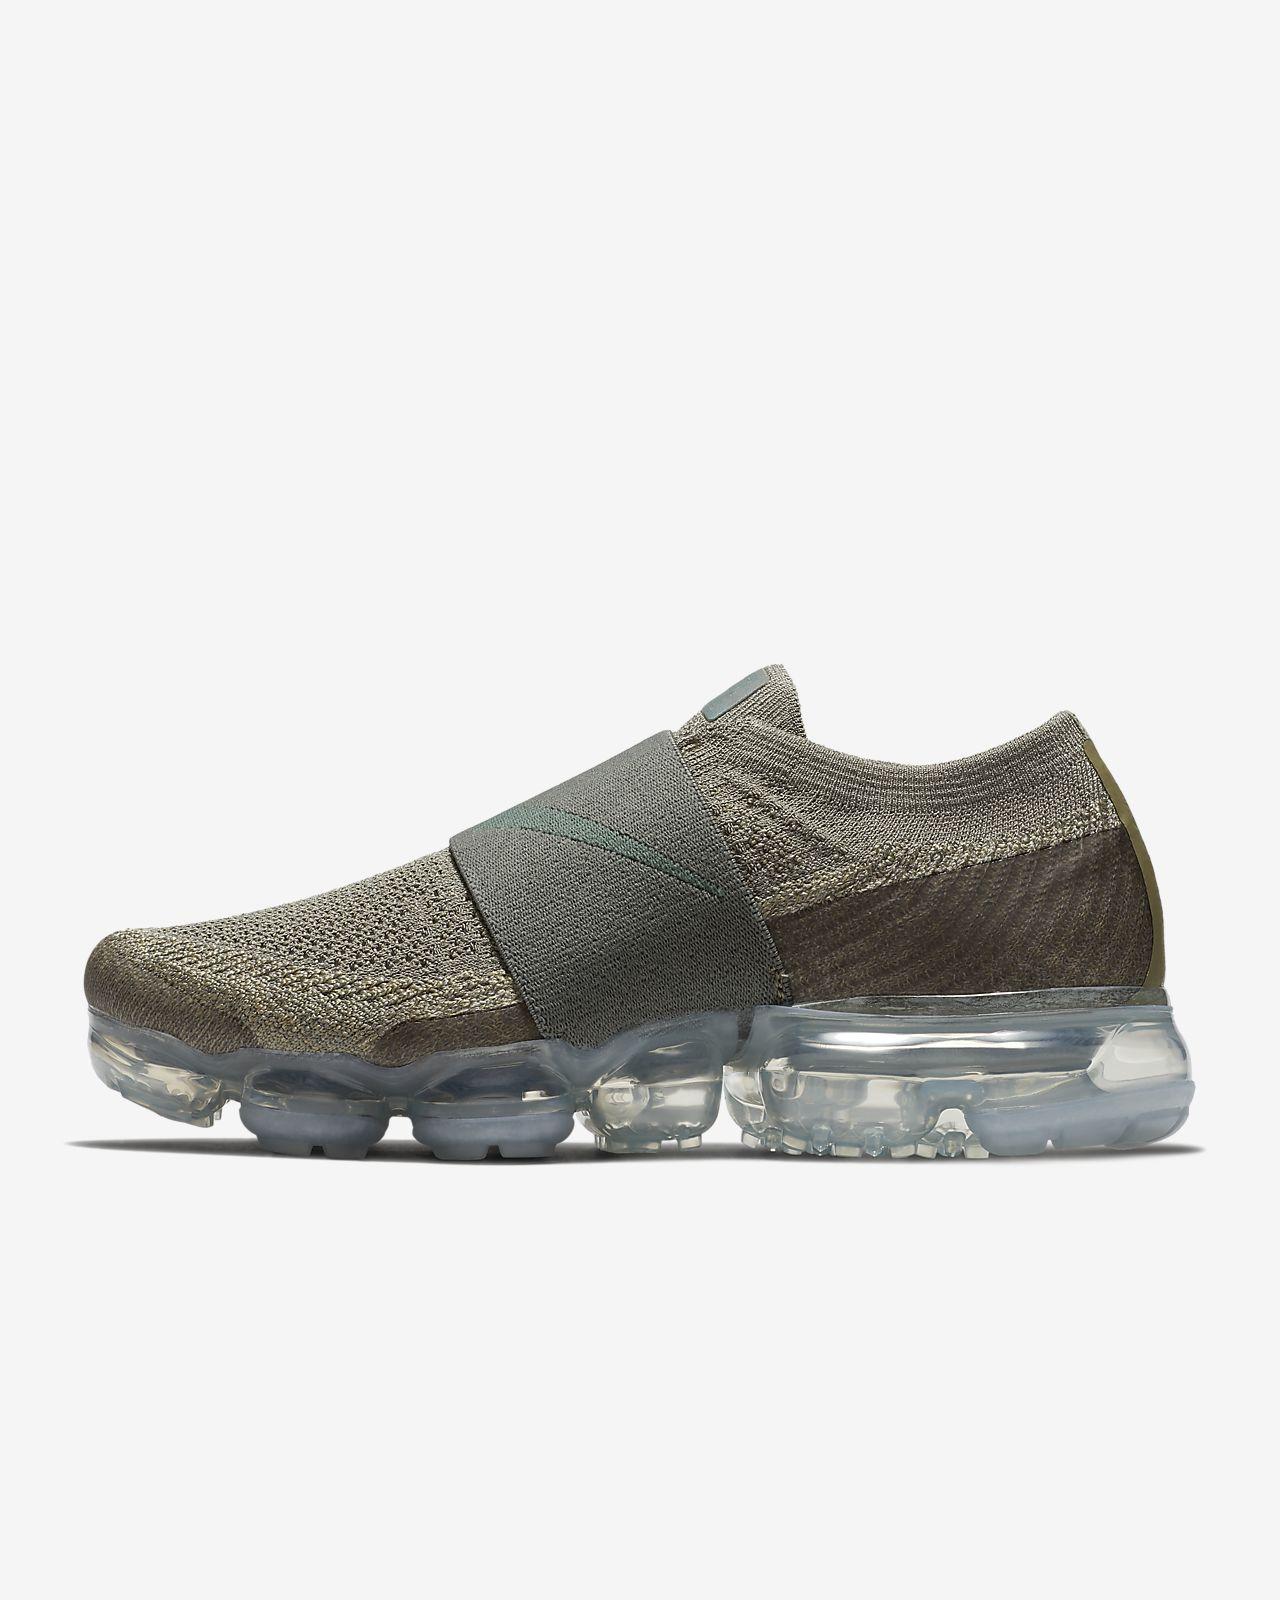 nike air vapormax flyknit - dames schoenen